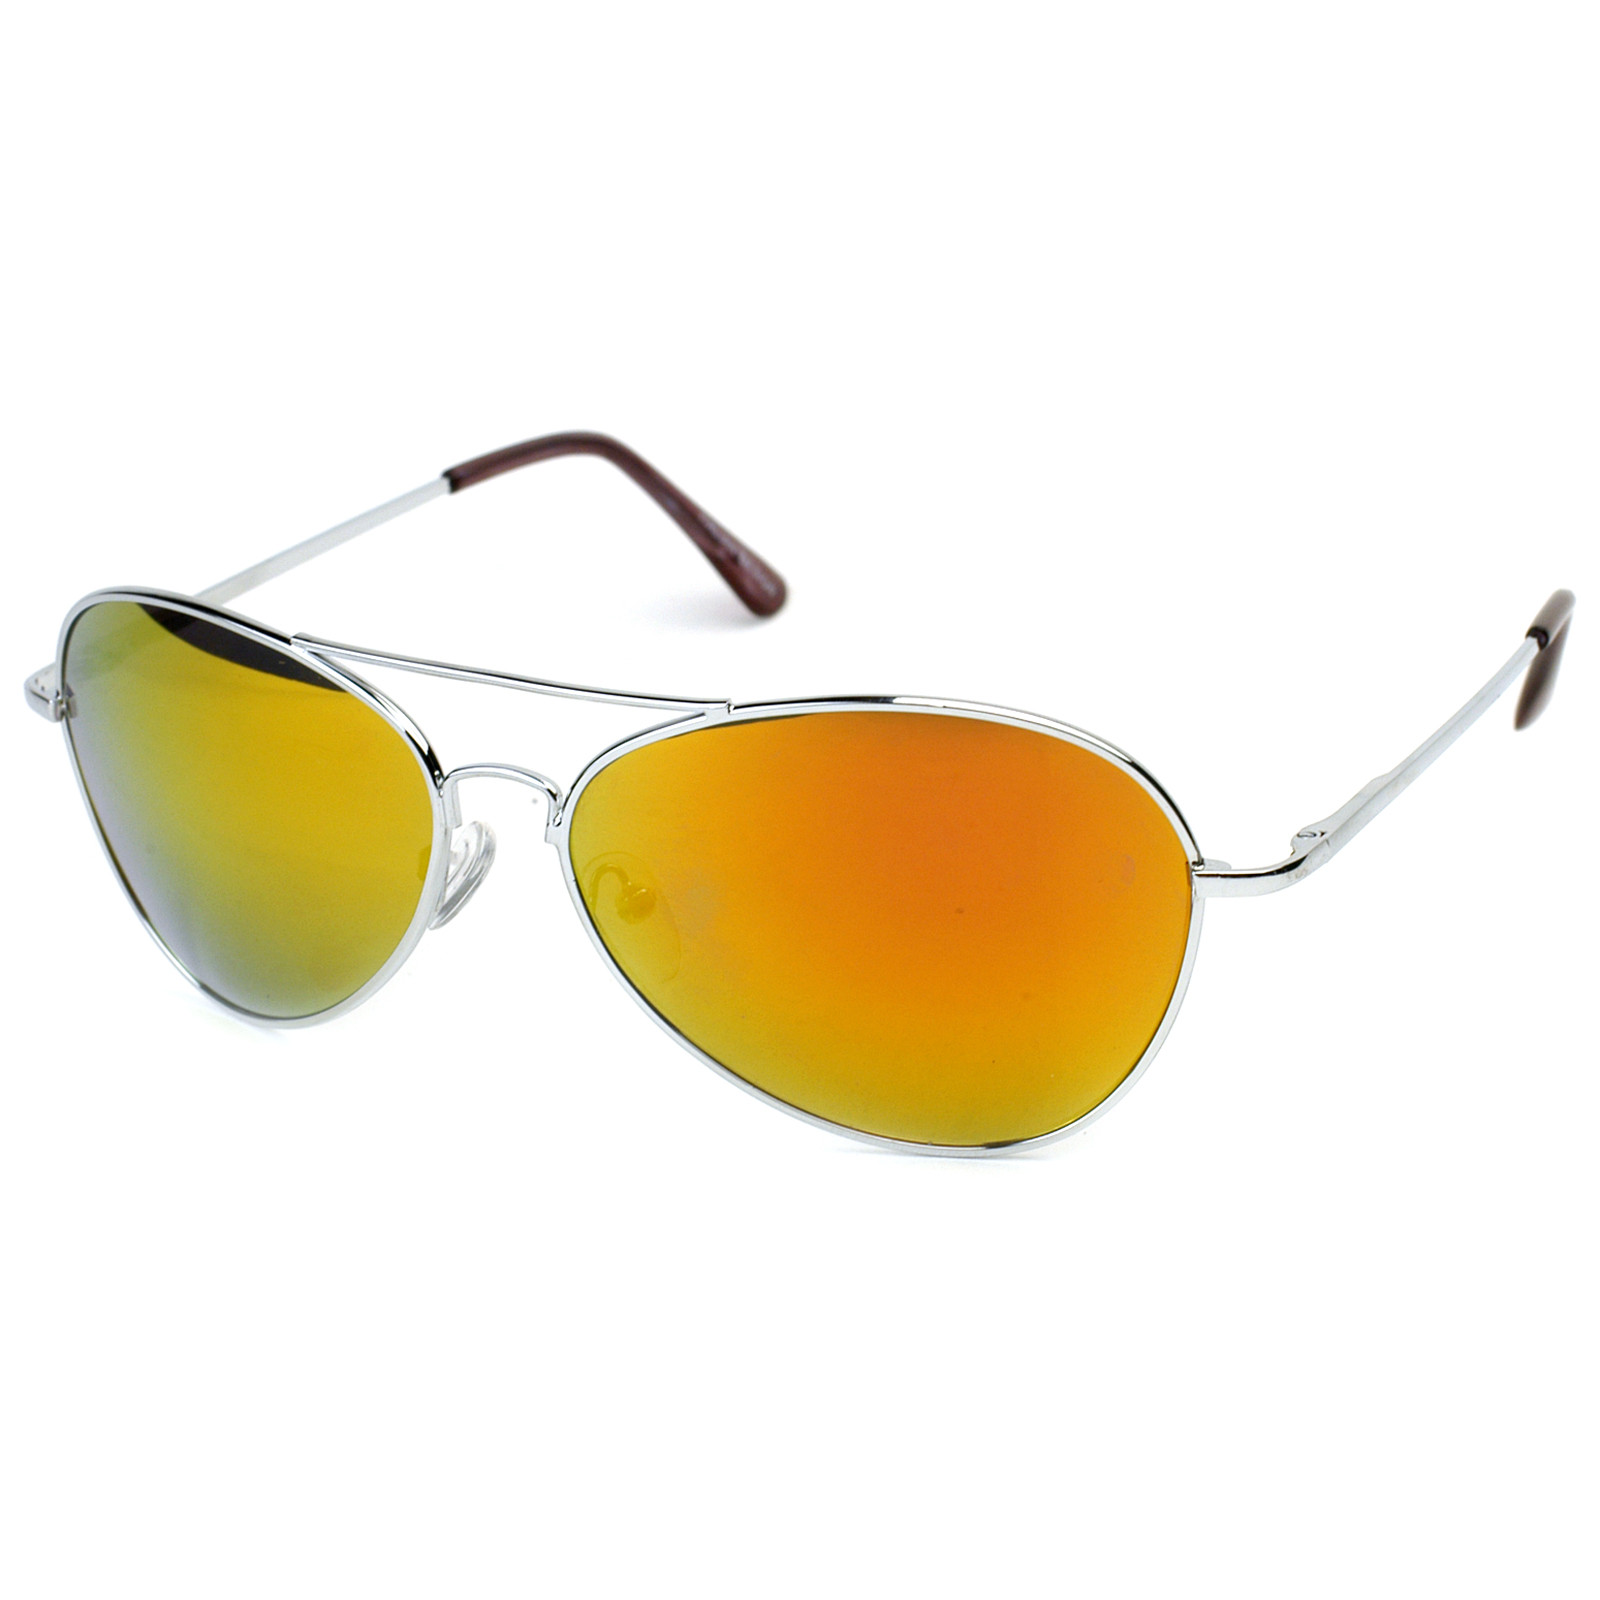 Retro Revo Color Mirrored Lens Metal Aviator Sunglasses 1485